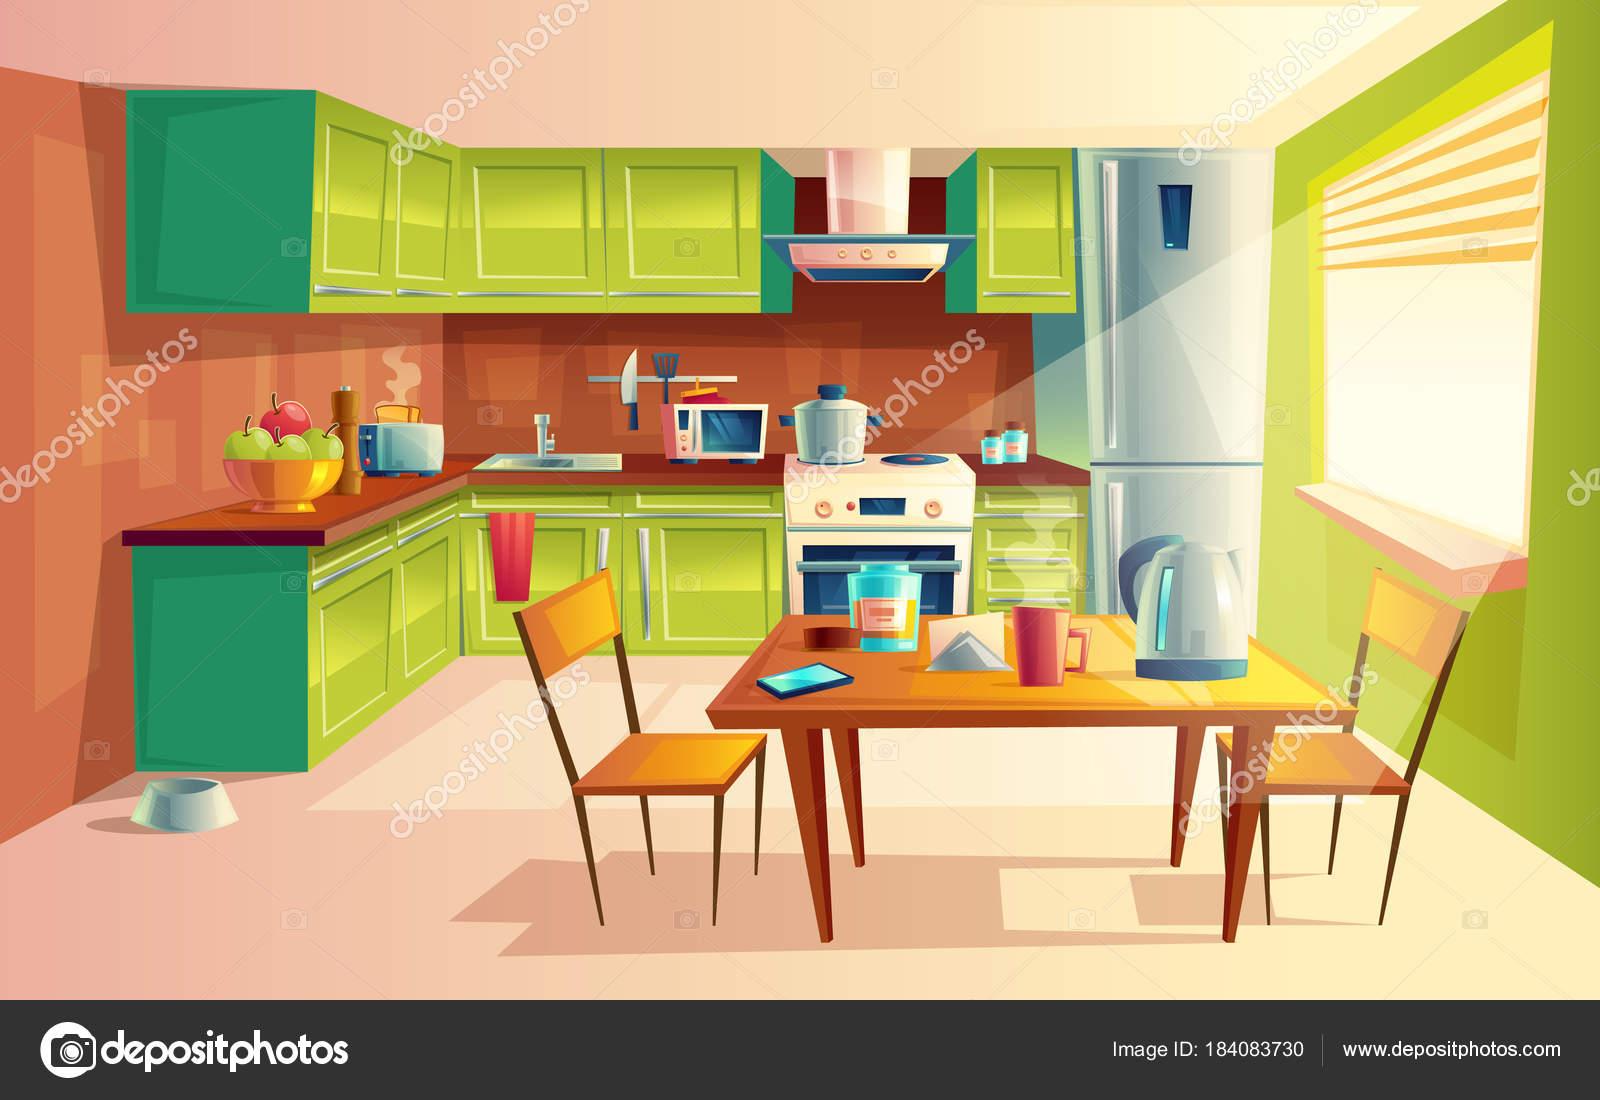 Ilustra o de desenho vetorial do interior de cozinha for Mueble animado